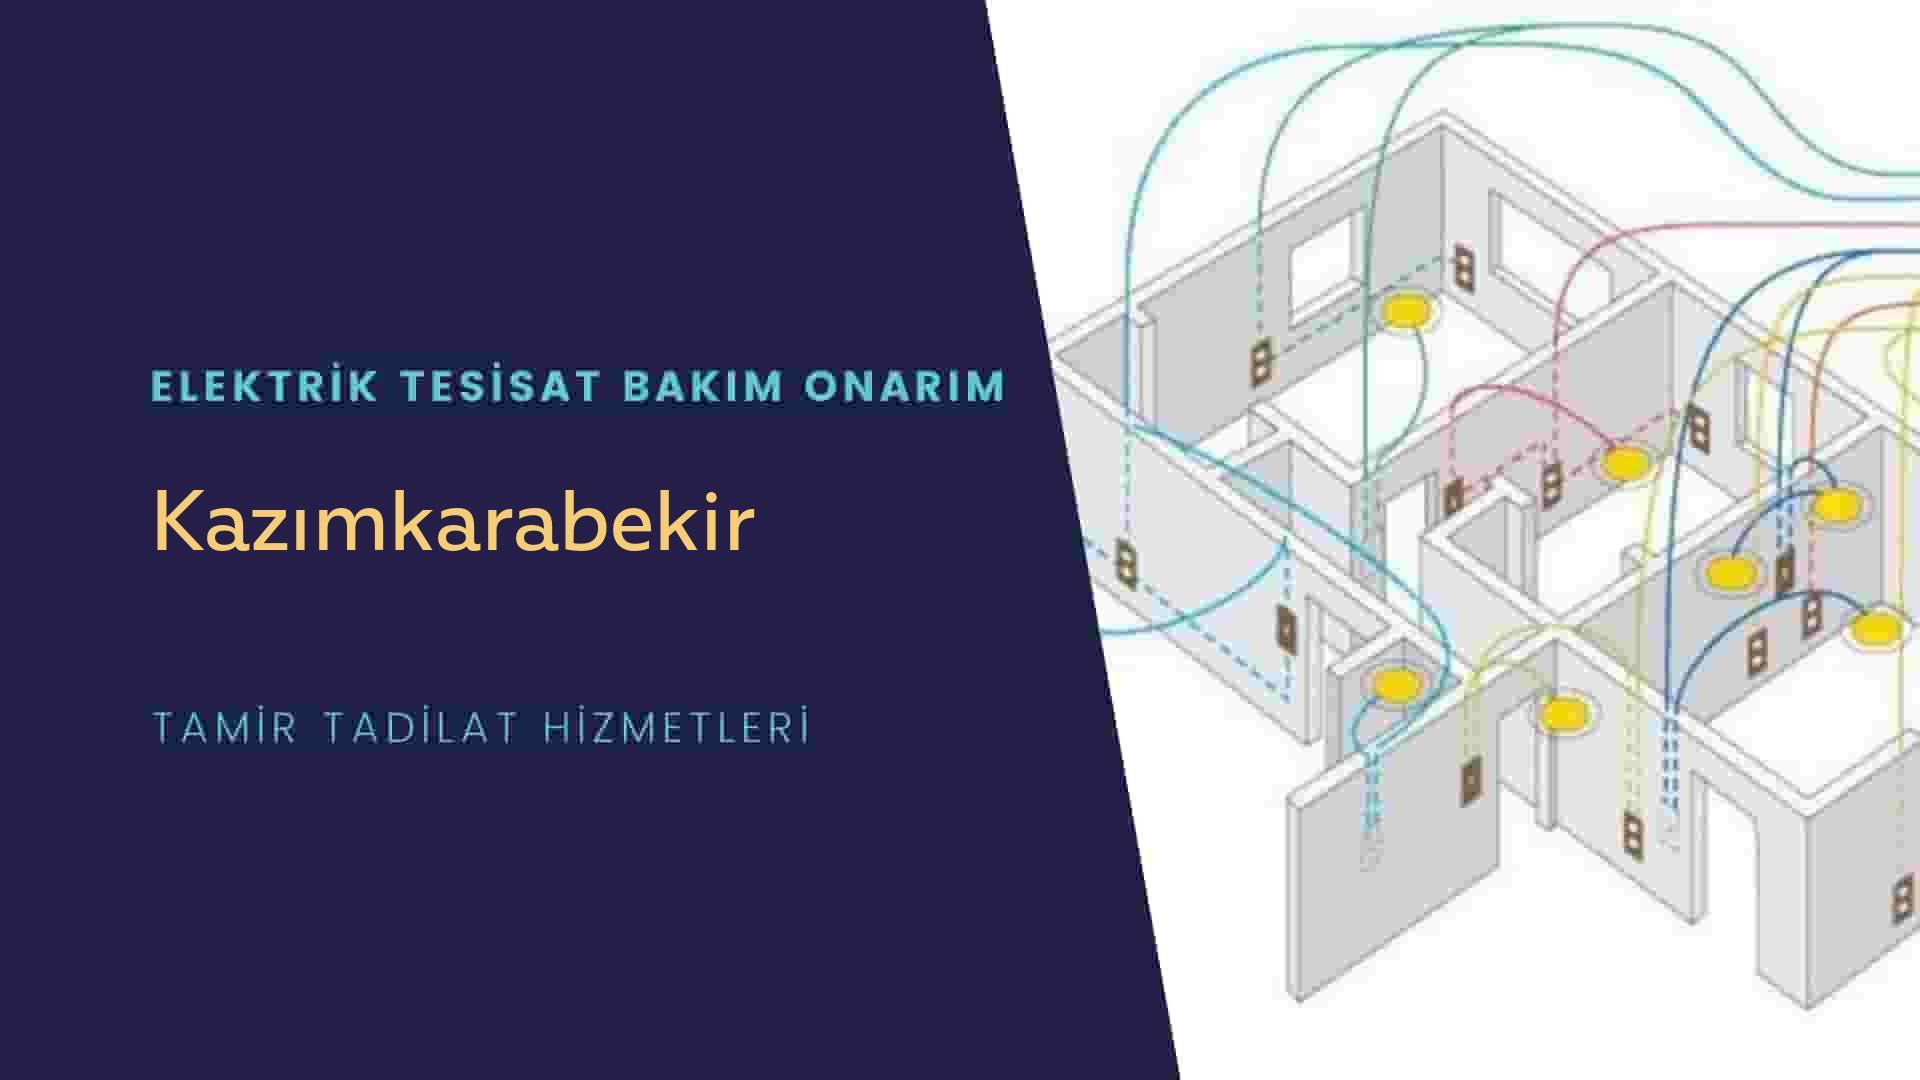 Kazımkarabekir'de elektrik tesisatıustalarımı arıyorsunuz doğru adrestenizi Kazımkarabekir elektrik tesisatı ustalarımız 7/24 sizlere hizmet vermekten mutluluk duyar.